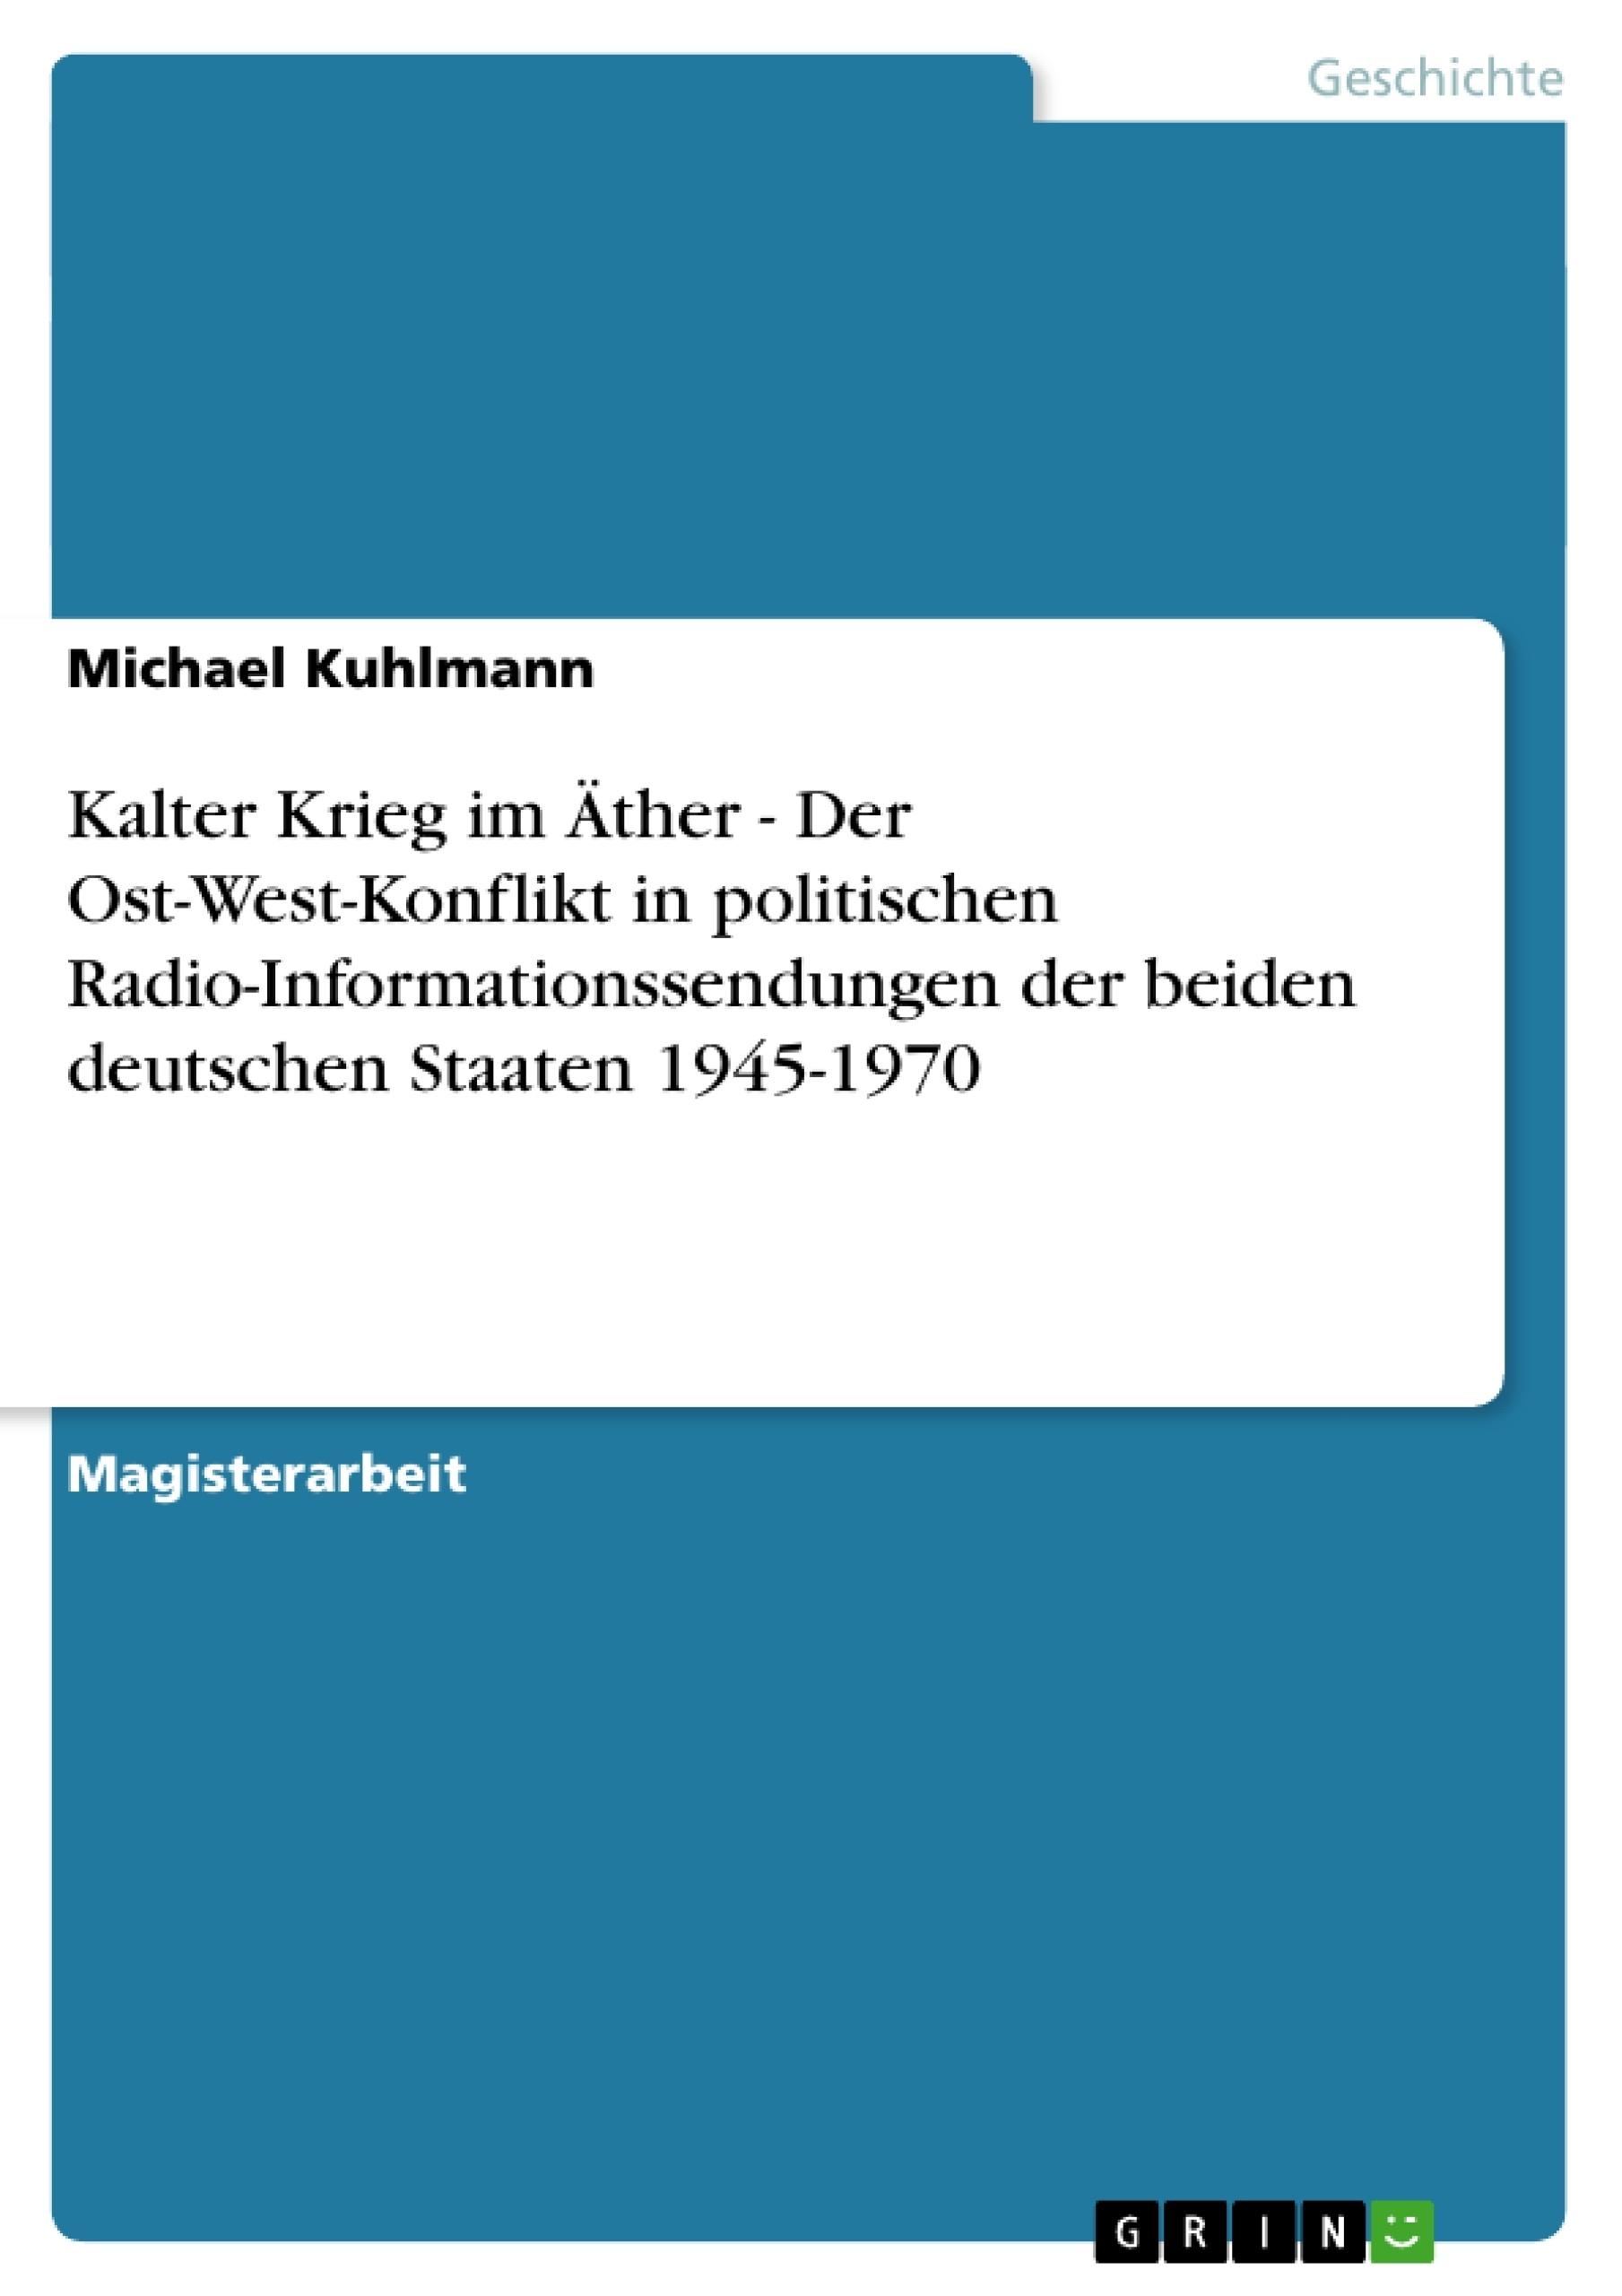 Titel: Kalter Krieg im Äther - Der Ost-West-Konflikt in politischen Radio-Informationssendungen der beiden deutschen Staaten 1945-1970